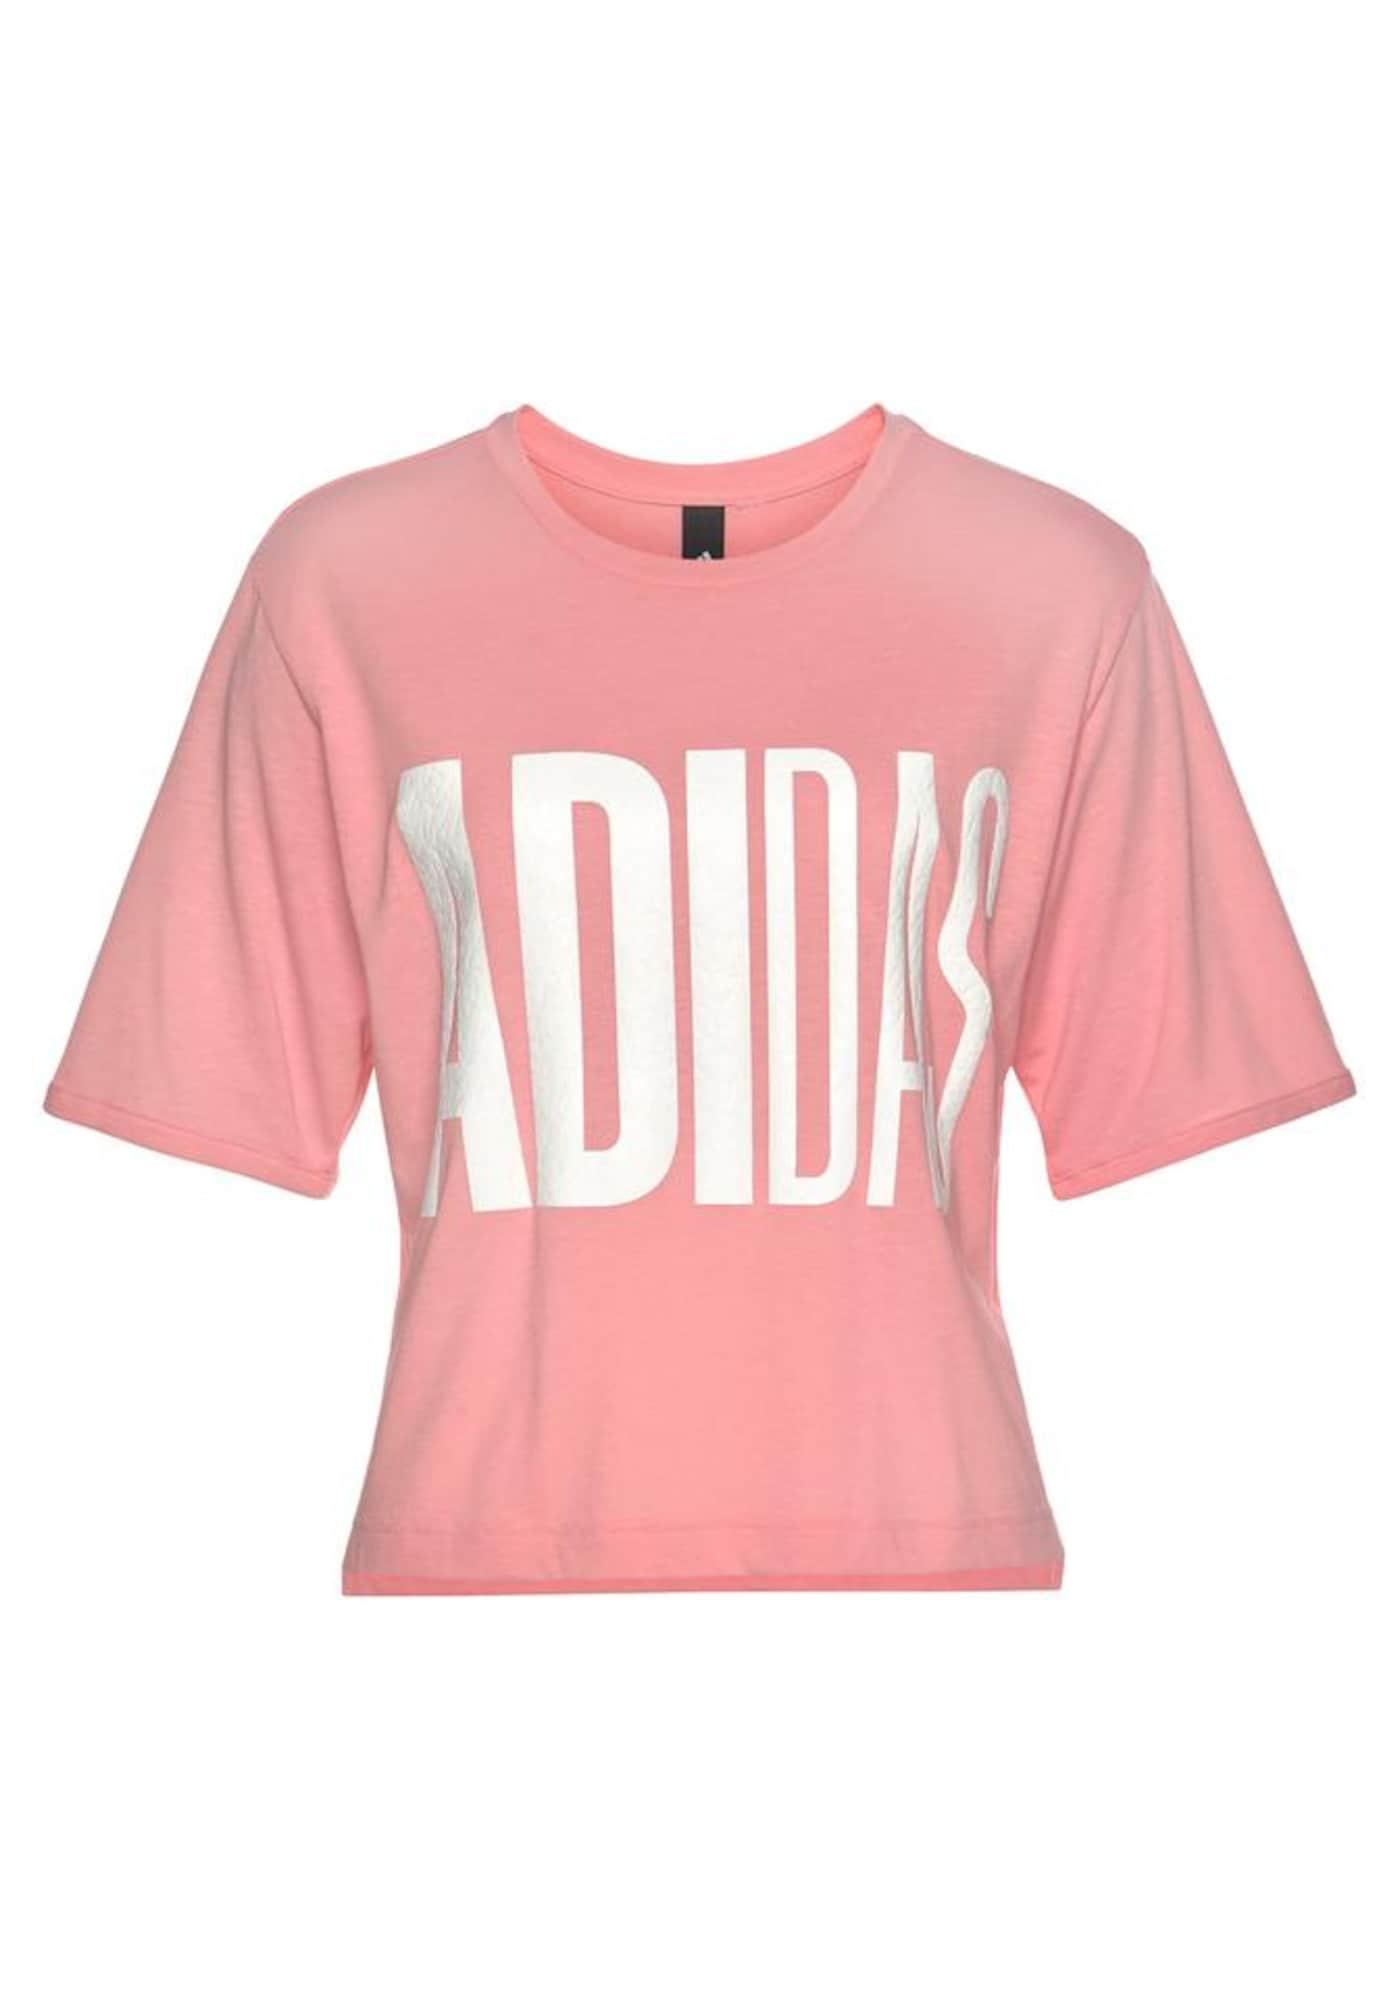 ADIDAS PERFORMANCE Sportiniai marškinėliai balta / rožių spalva